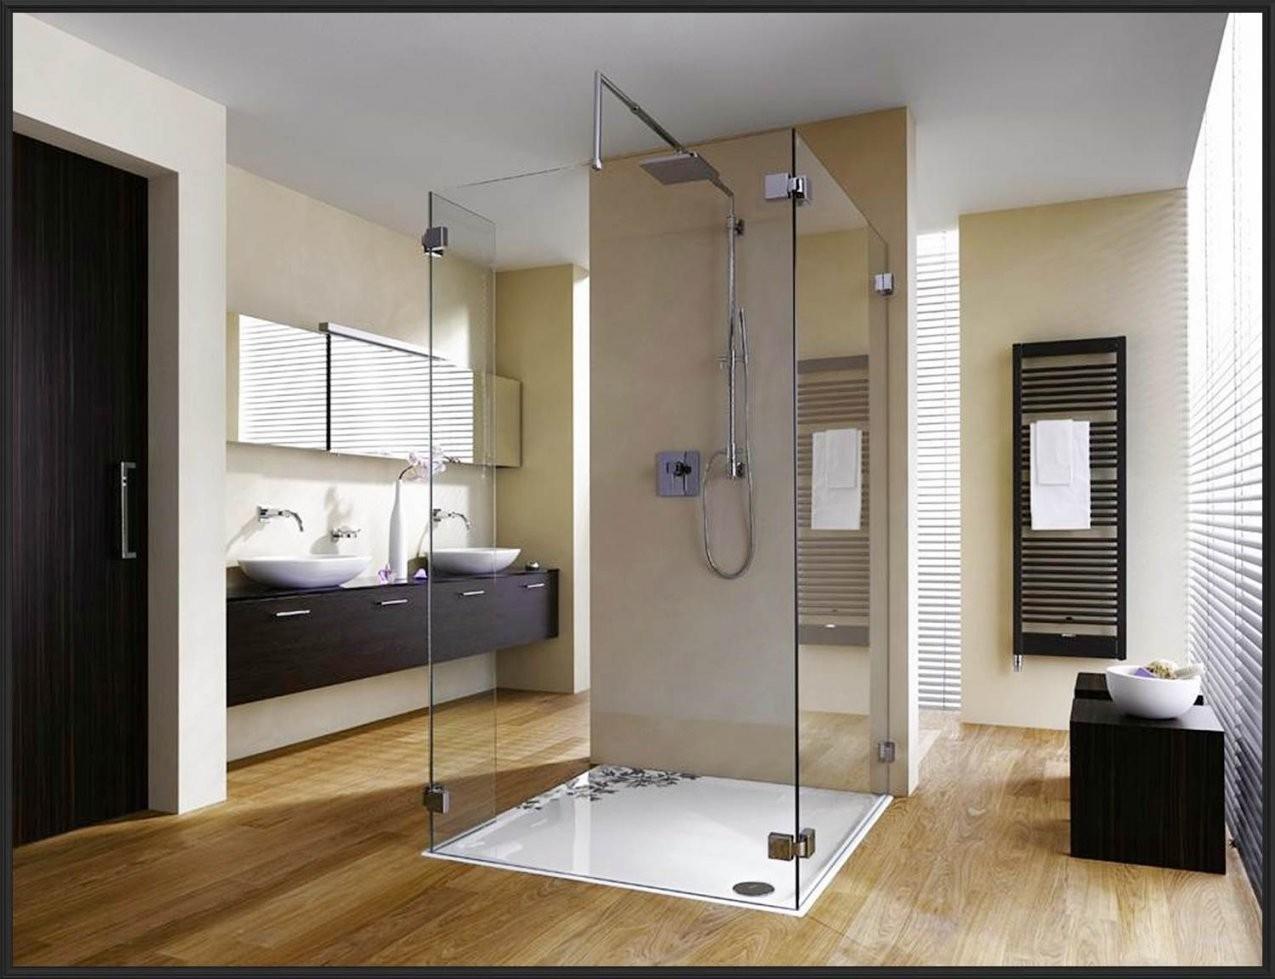 Große Wellness Badezimmer Ideen Für Die Gestaltung Moderner Häuser von Wellness Badezimmer Ideen Photo